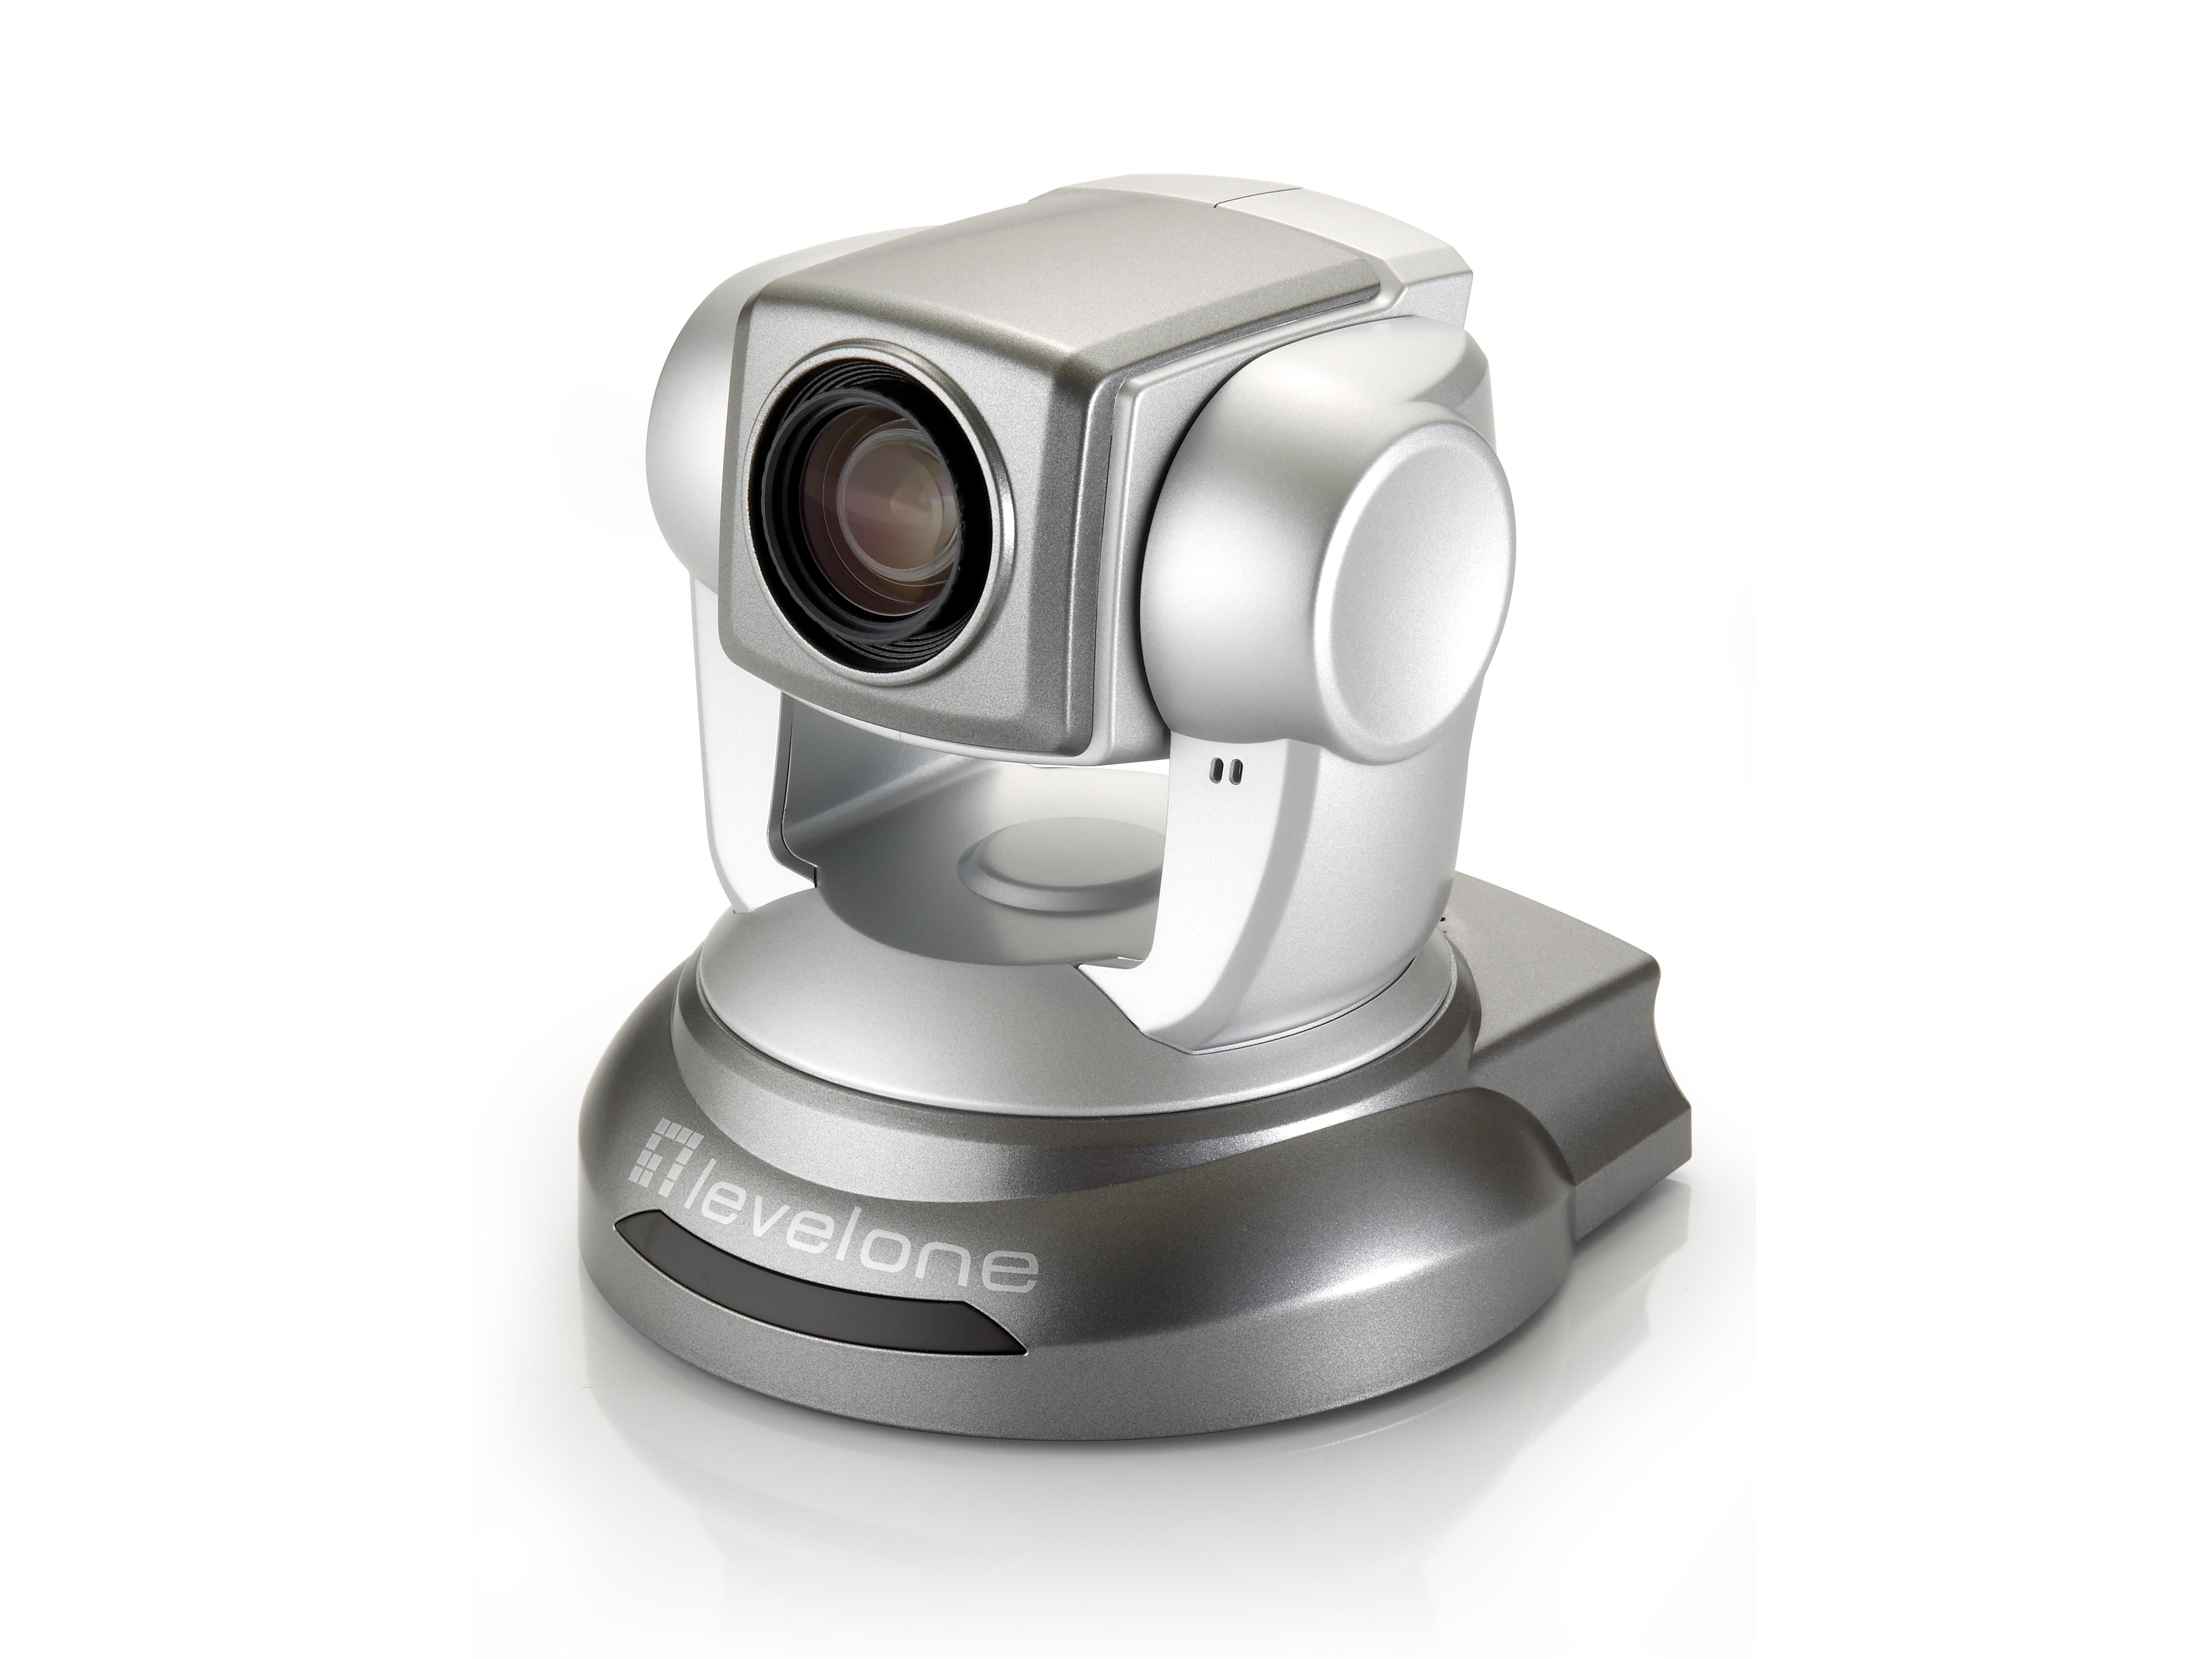 LevelOne PTZ-Netzwerkkamera - 2 Megapixel - 802.3af PoE - WDR - 10fachen Optischen Zoom